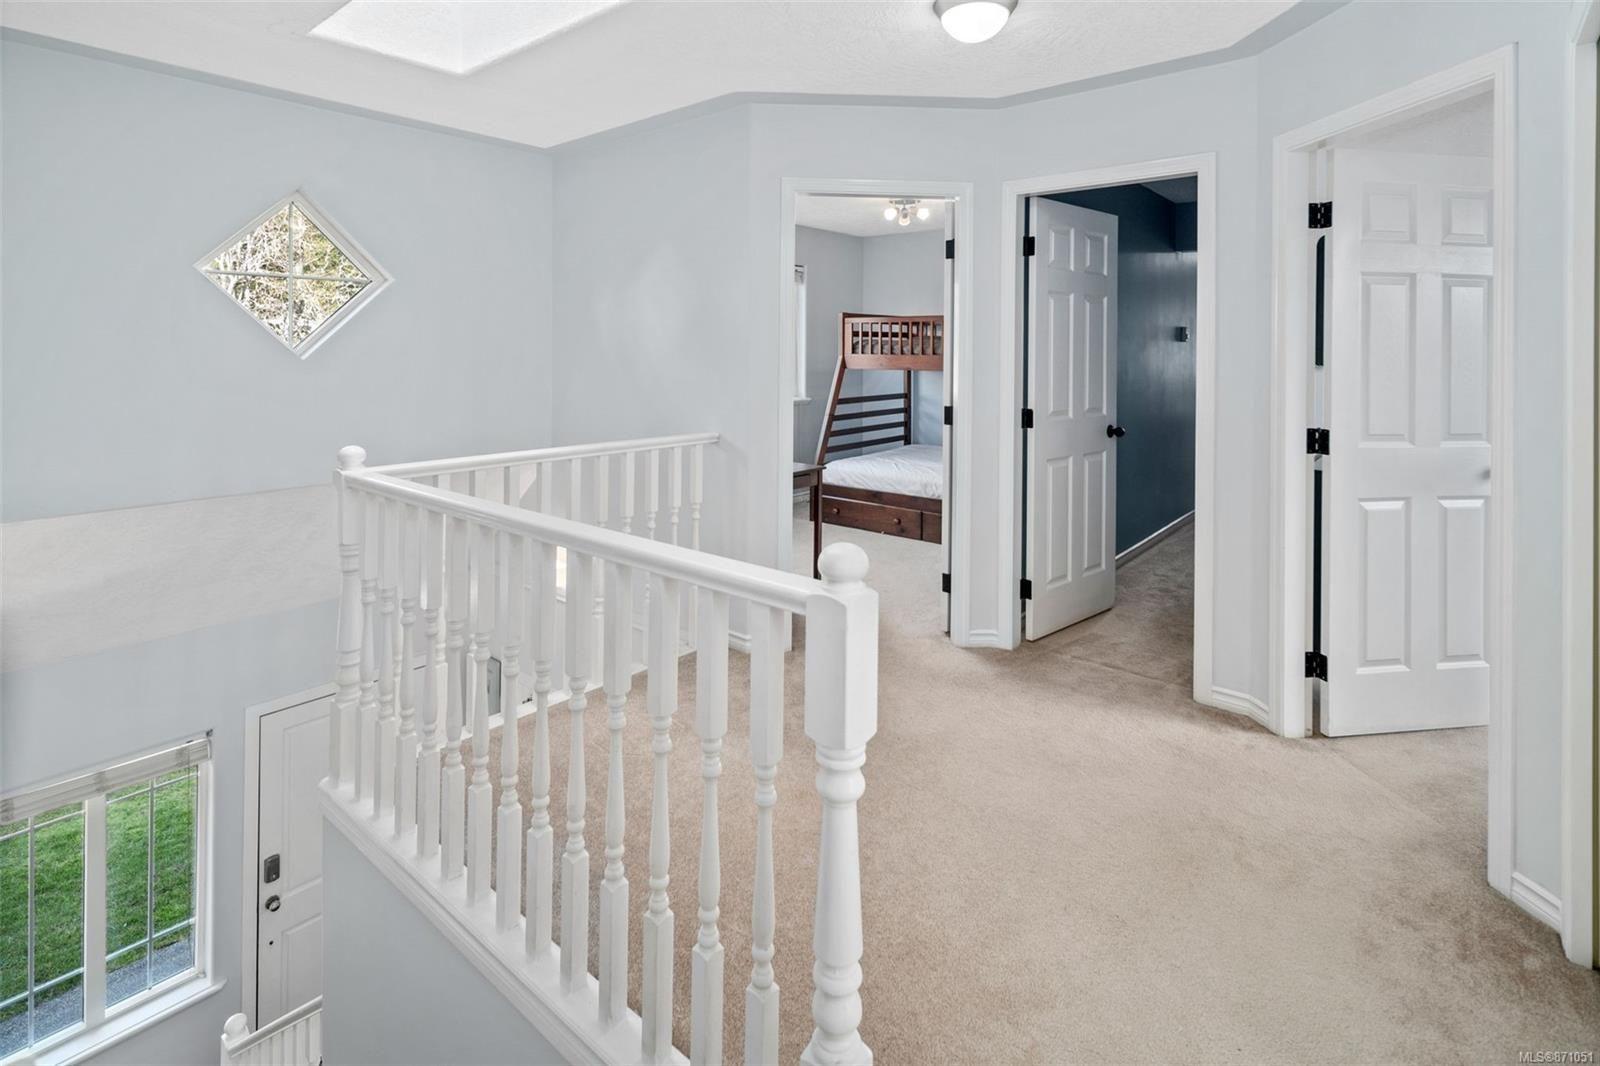 Photo 21: Photos: 521 Selwyn Oaks Pl in : La Mill Hill House for sale (Langford)  : MLS®# 871051